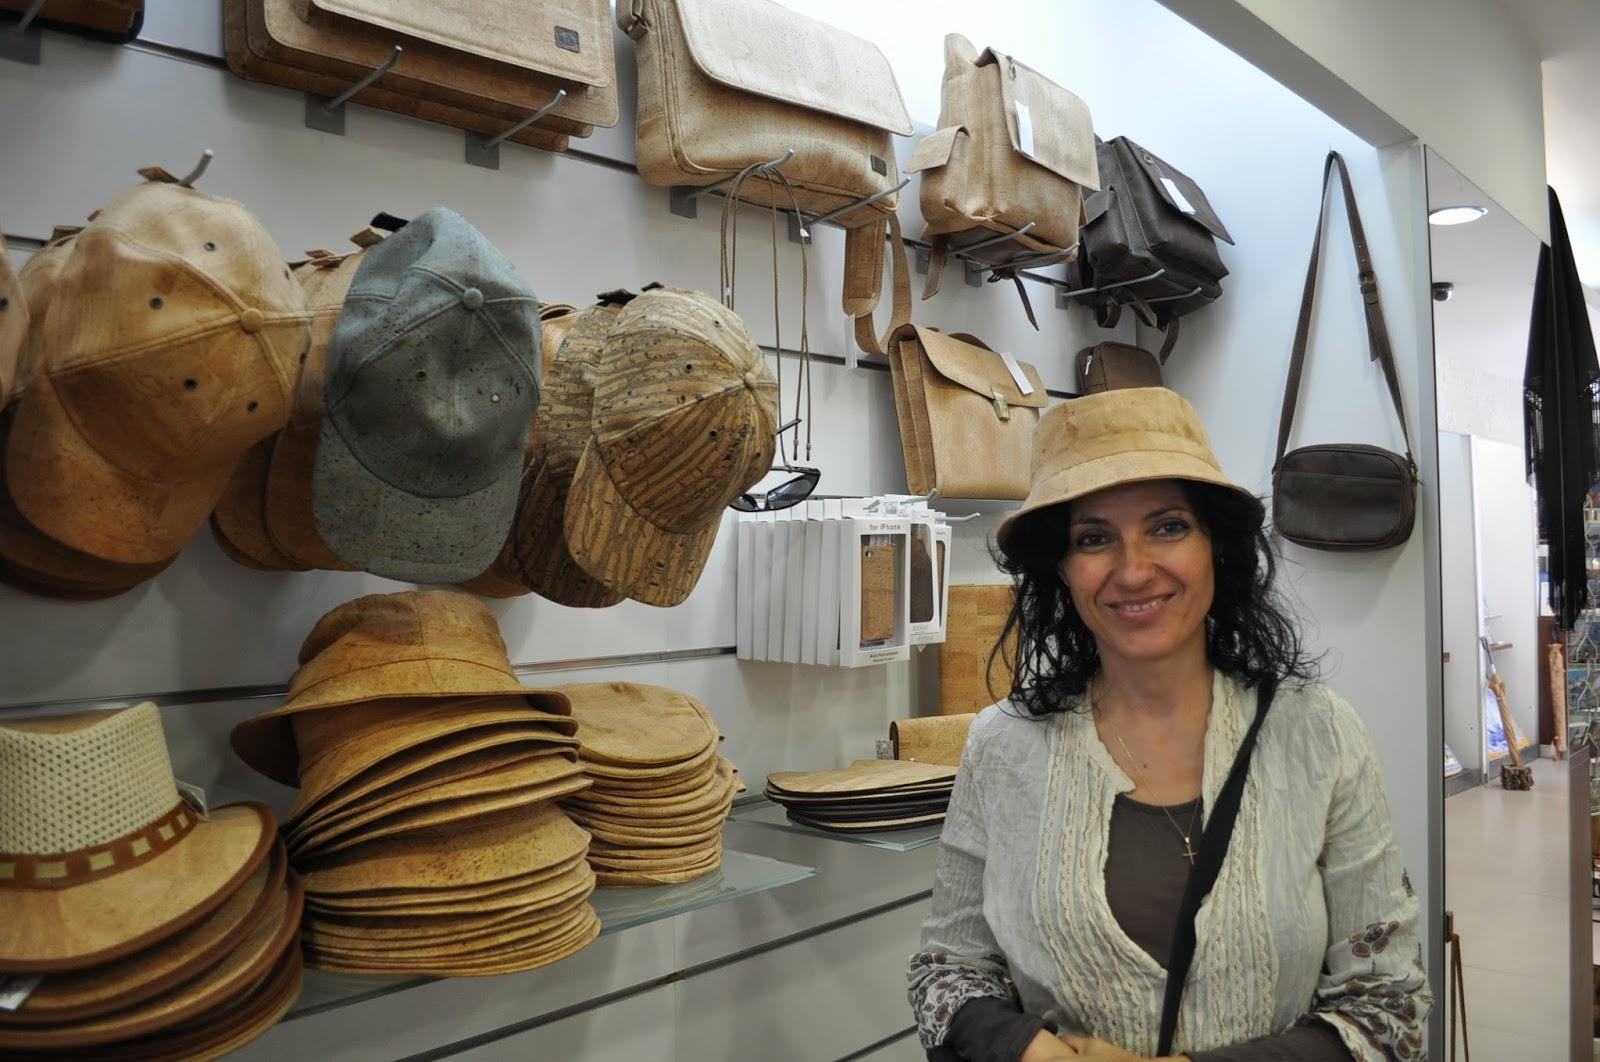 Градчето е известно със сувенирните си магазинчета, в които се продават и изделия от корк. Тази шапка струва 45 евро. Не, мерси, ще си остана с моята сламена от сергията на Плиска.